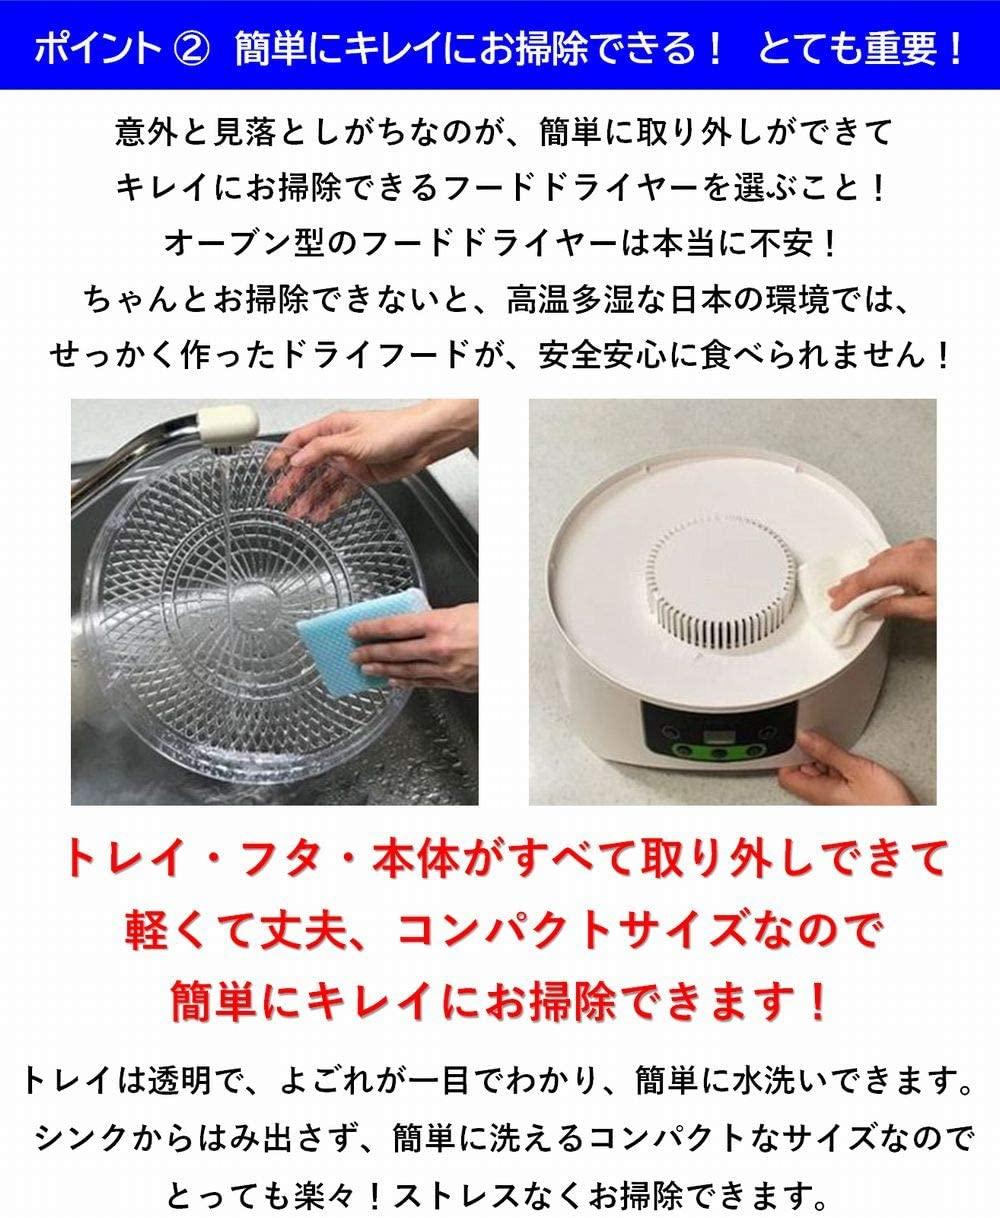 ウミダスジャパン食品乾燥機 フードドライヤー FD880Eの商品画像4